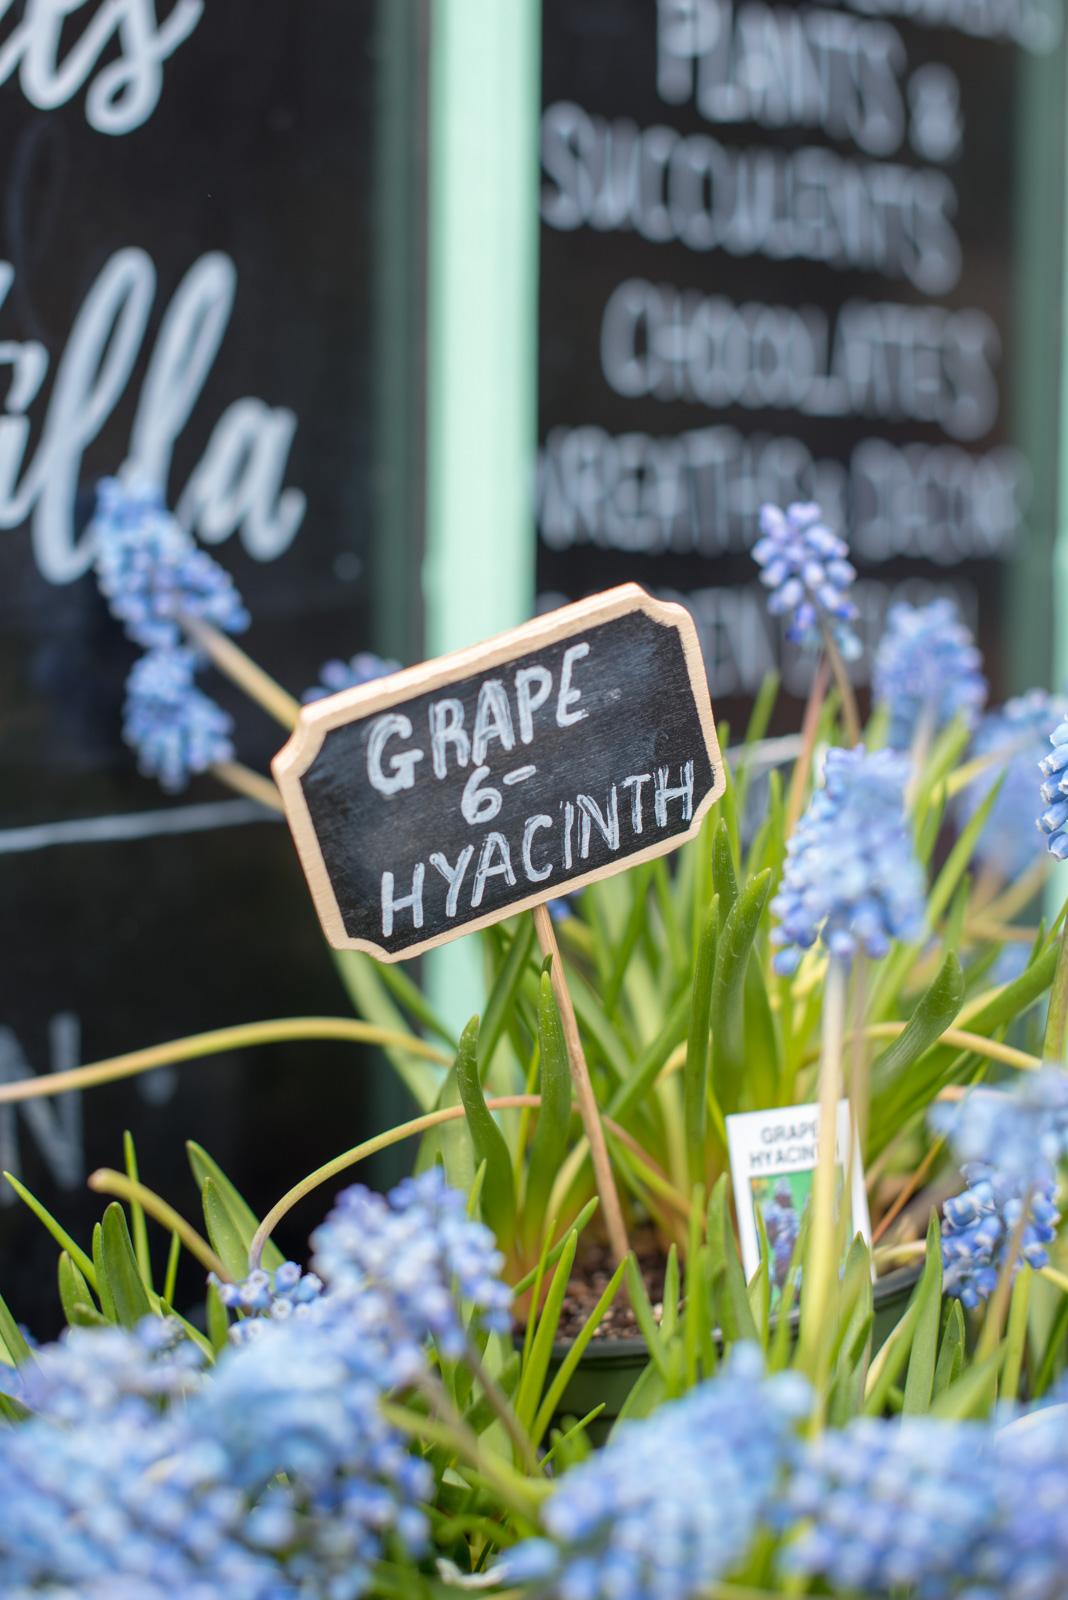 hyacinth, boston, the-alyst.com